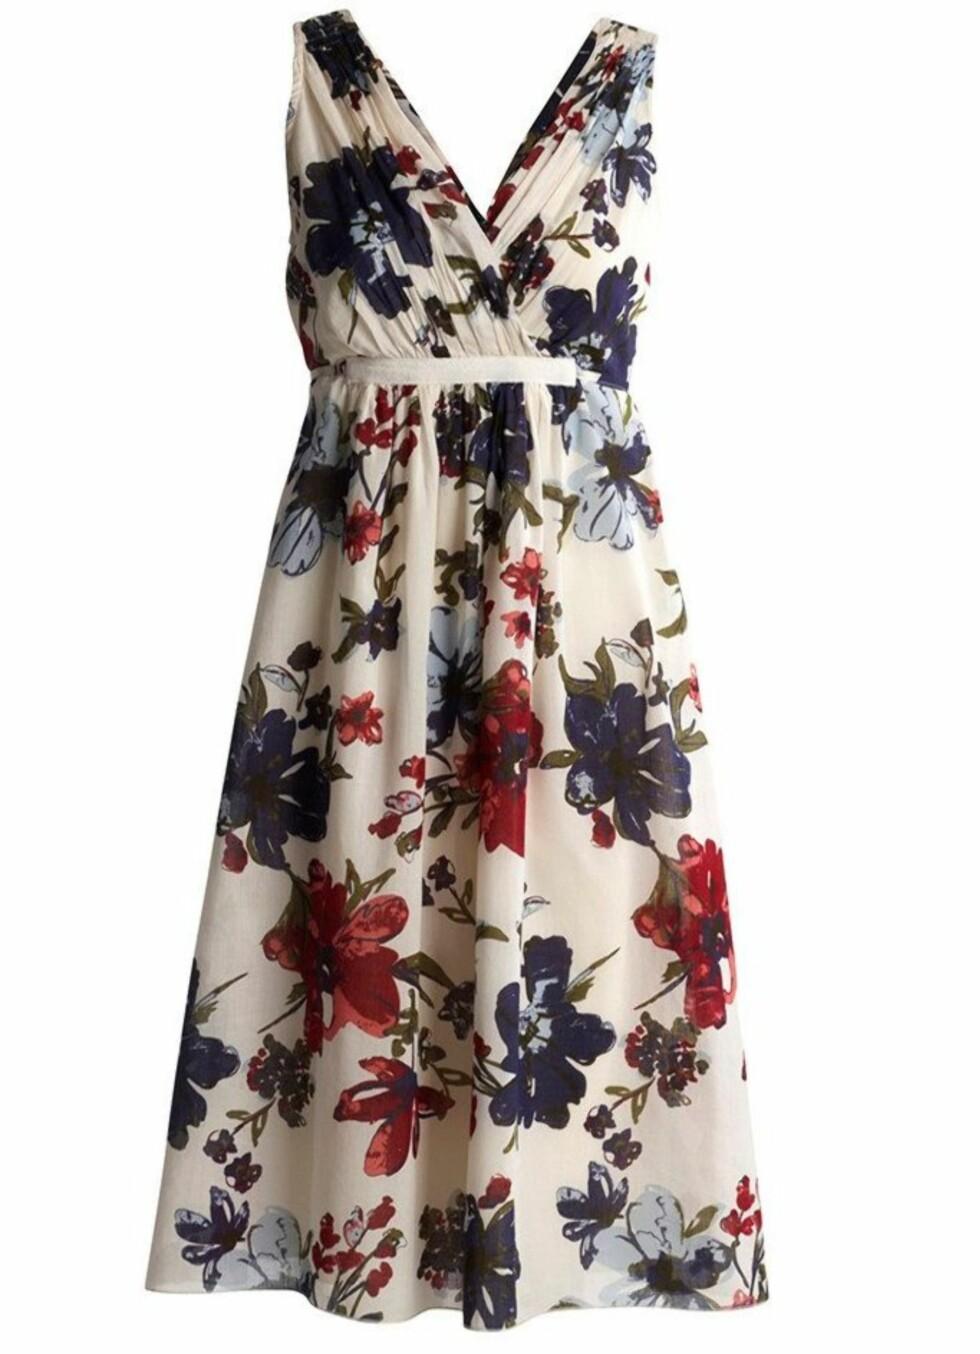 Søt kjole i femtitallssnitt (kr 350, Kappahl).